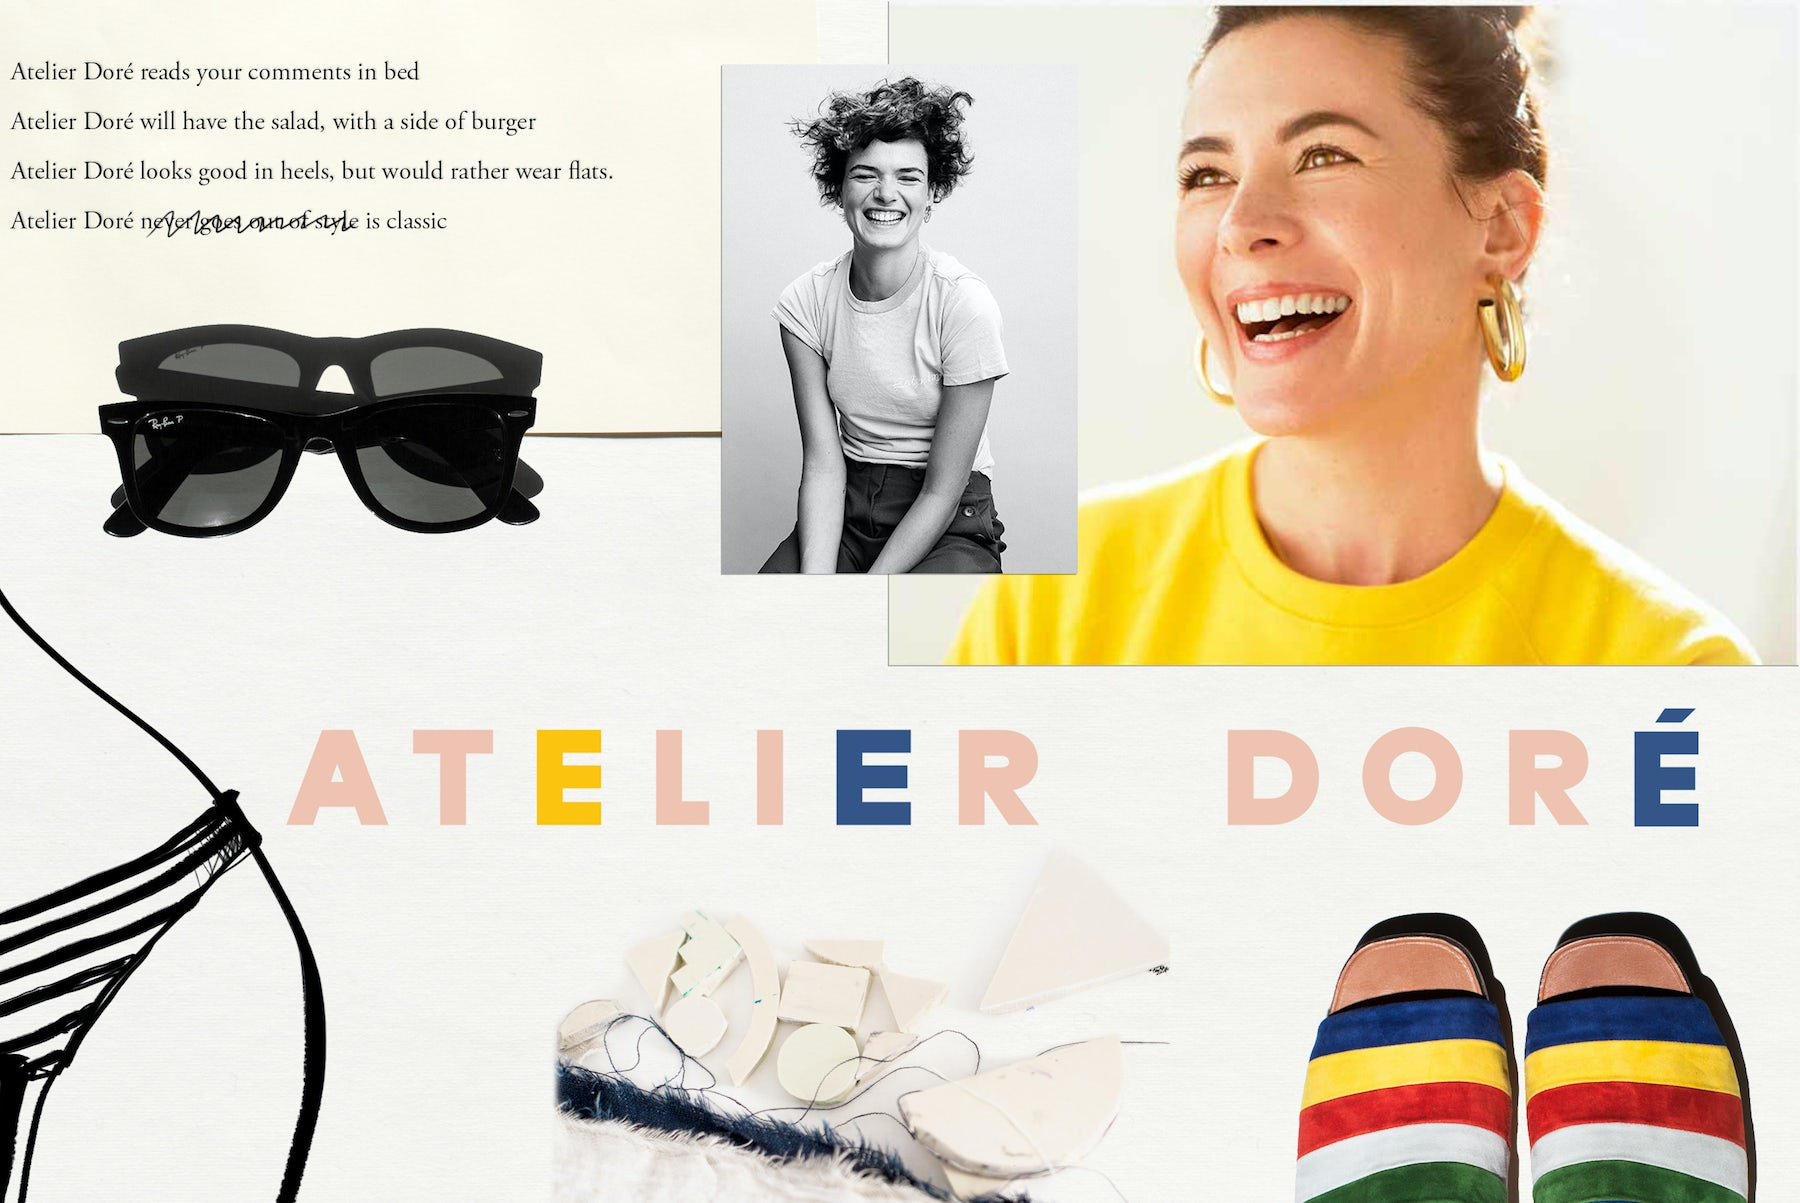 Atelier Doré | Source: Courtesy